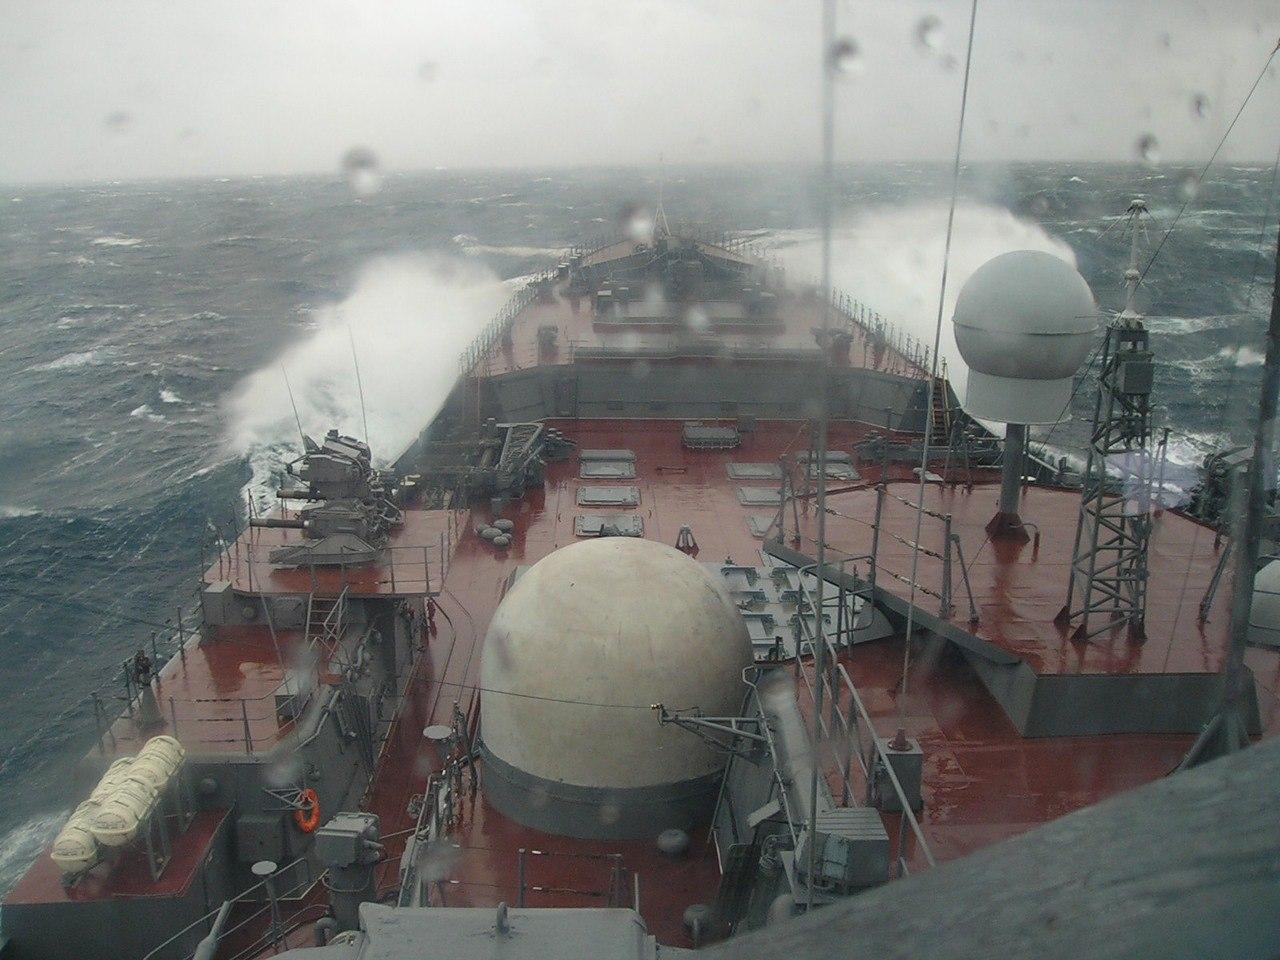 巡洋舰 世界 最大/俄罗斯海军目前还保有核动力巡洋舰作为海上主要力量,虽然这些...